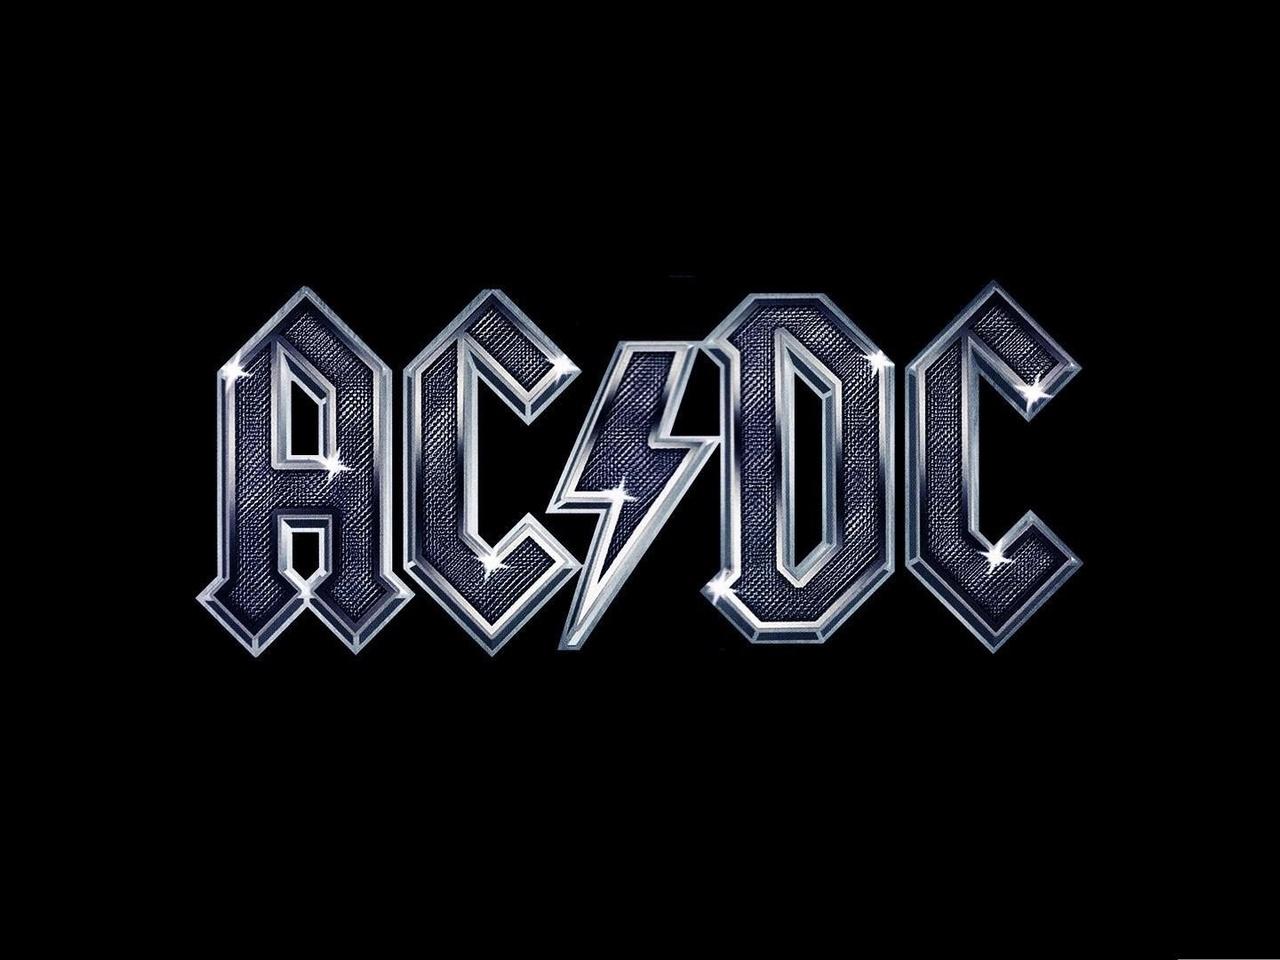 AC/DC - High Voltage (1976)